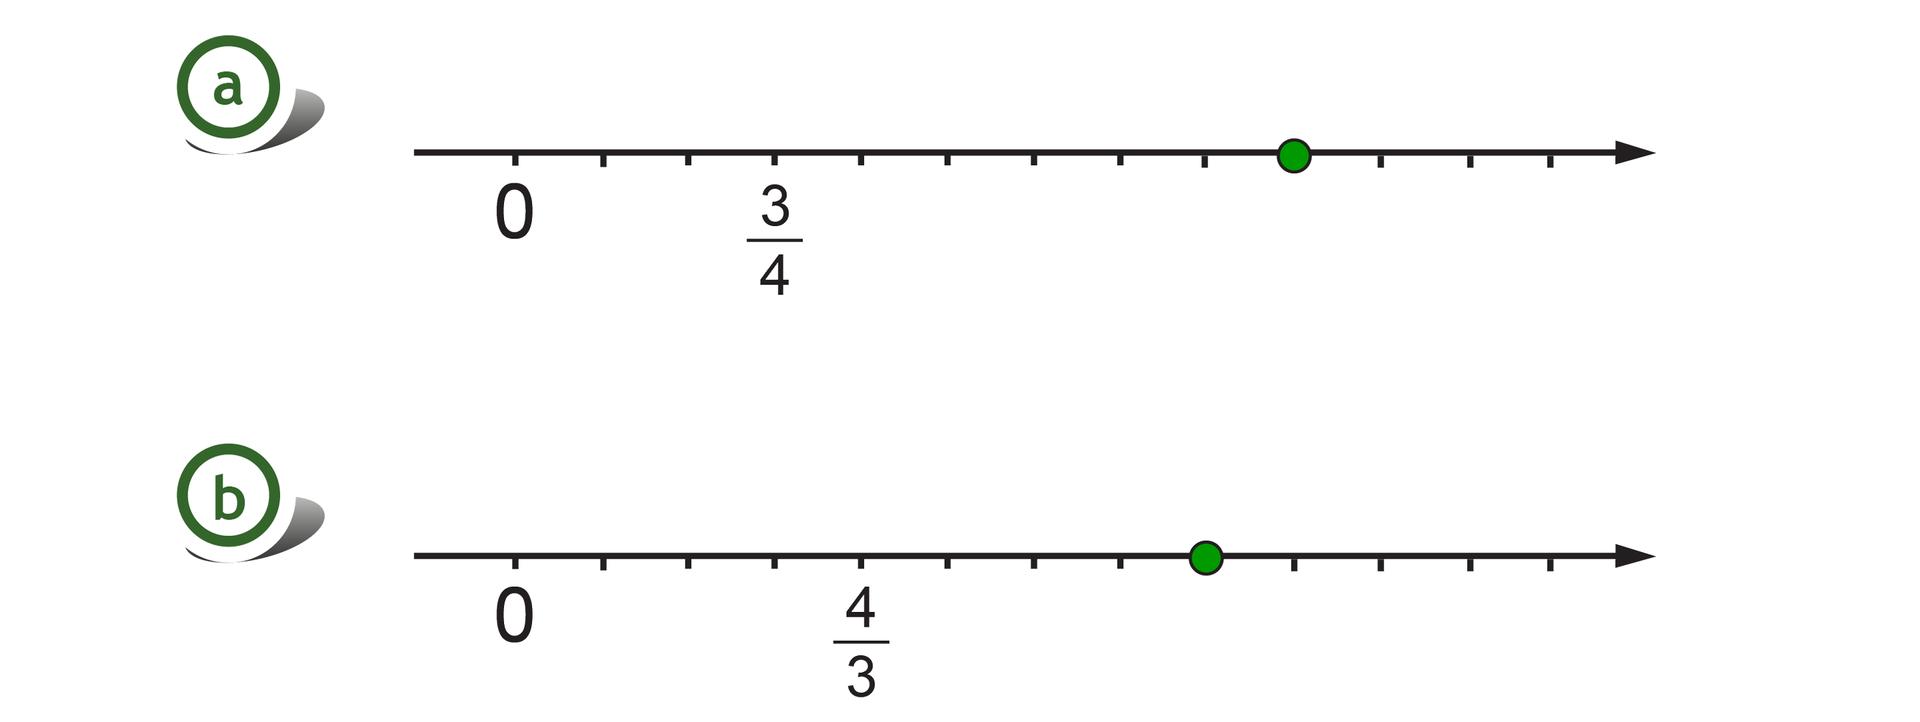 Rysunek dwóch osi. Na pierwszej osi zaznaczone punkty 0 itrzy czwarte, odcinek jednostkowy podzielony na cztery równe części, szukany punkt wyznacza 9 części za punktem 0. Na drugiej osi zaznaczone punkty 0 icztery trzecie, odcinek jednostkowy podzielony na 3 części, szukany punkt wyznacza 8 części za punktem 0.